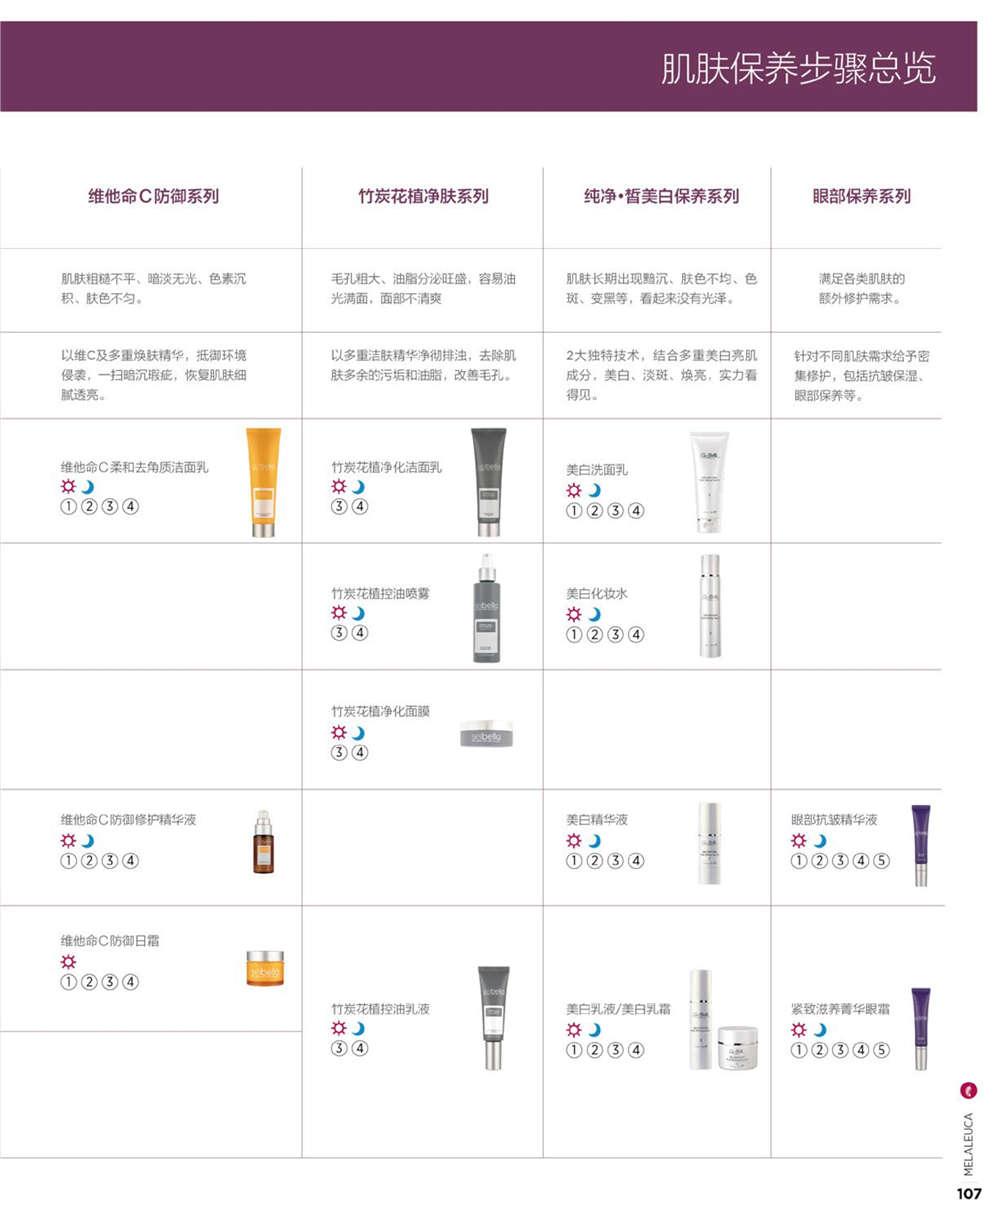 美乐家官方产品目录-2021年10月份